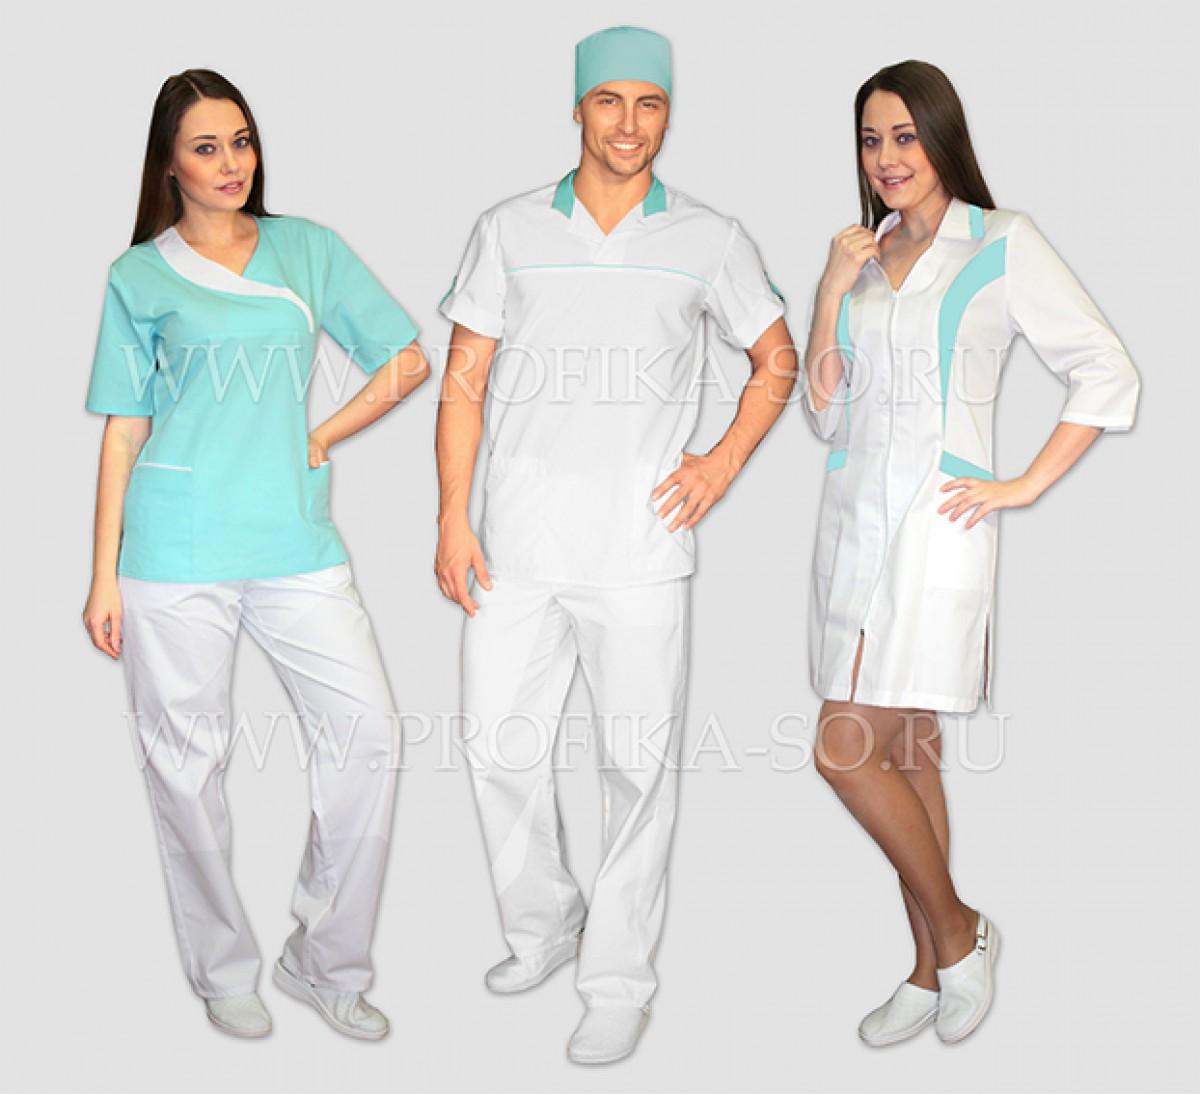 Как сшить медицинскую пижаму 10